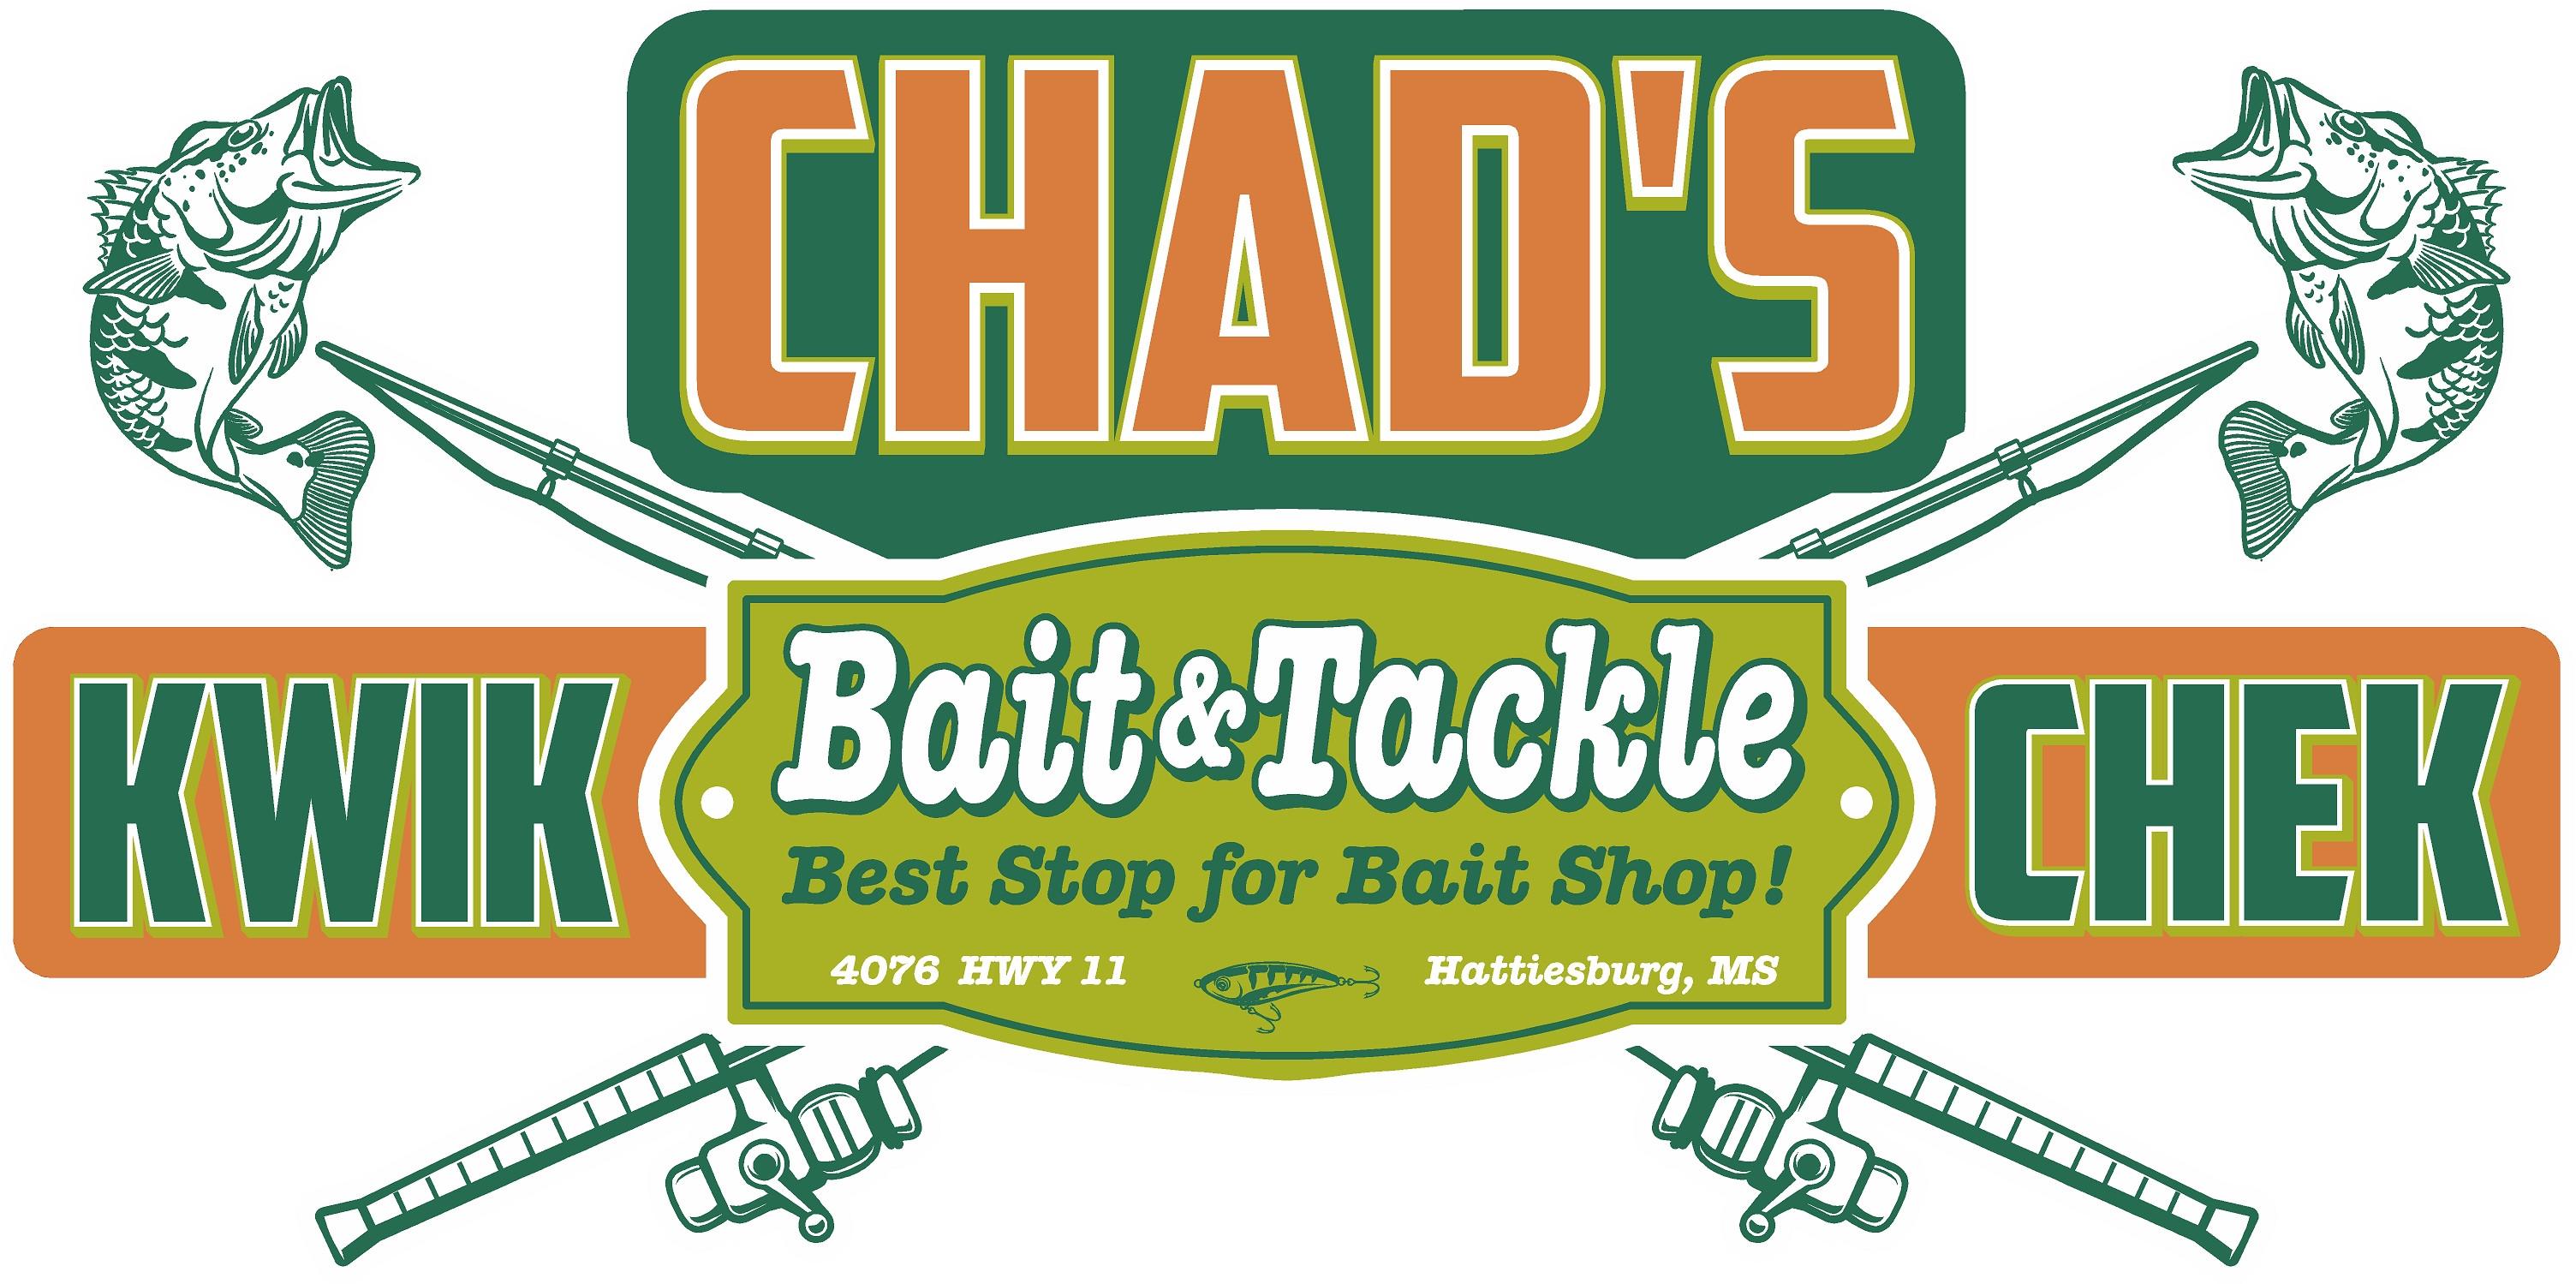 Chad's Kwik Chek Bait & Tackle